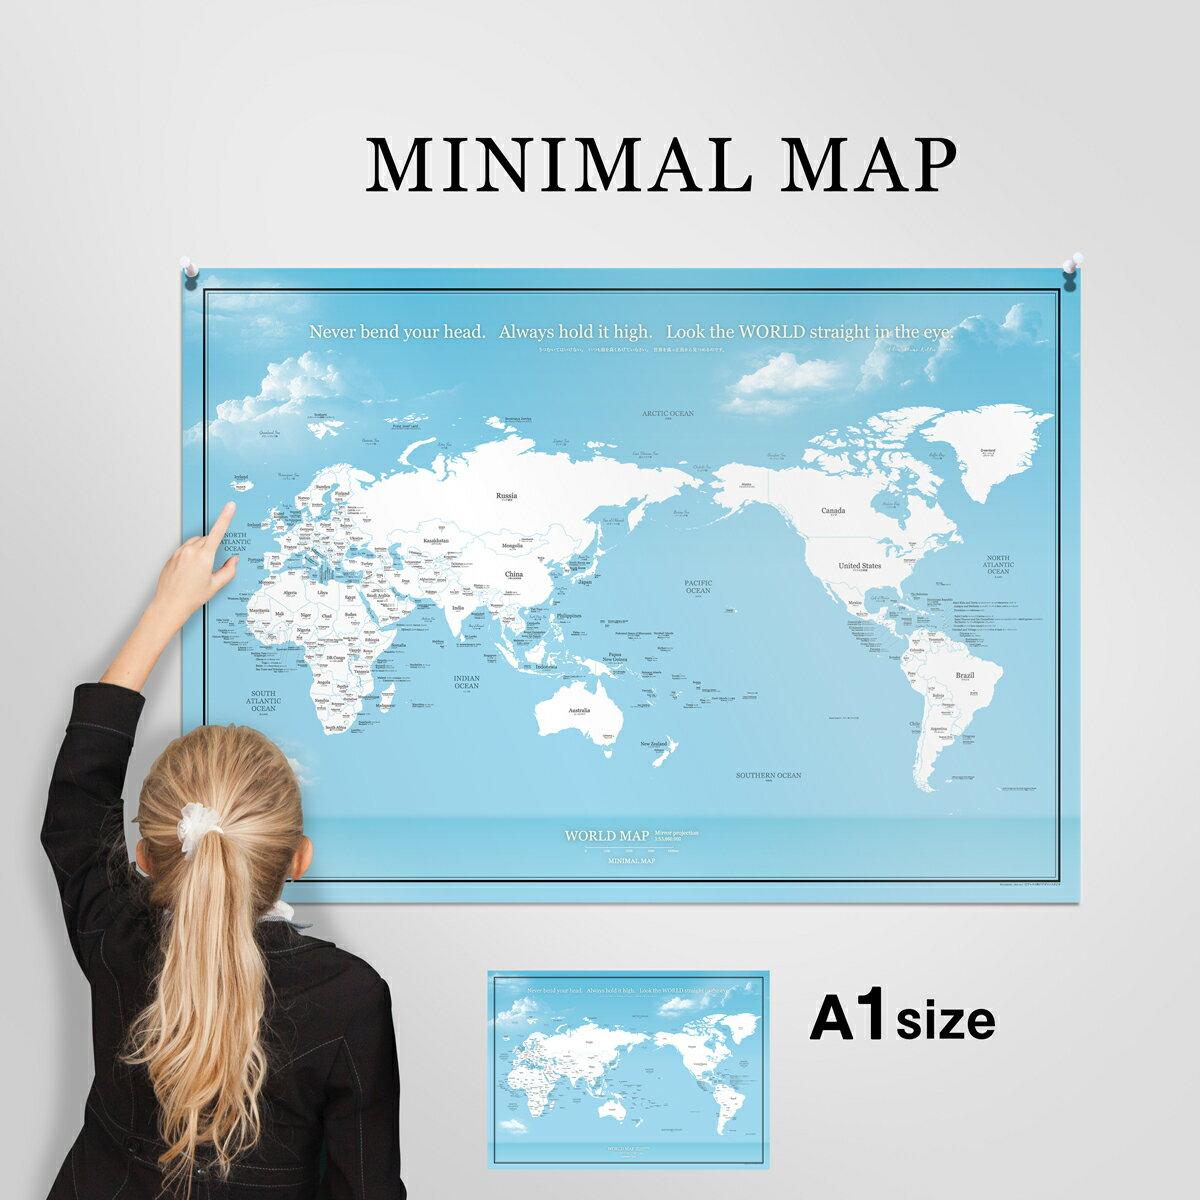 夜19時-5H【10%OFFクーポン】【送料無料】おおきな世界地図ポスター / 英語・日本語表記 / 空と海 A1サイズ / ミニマルマップ |